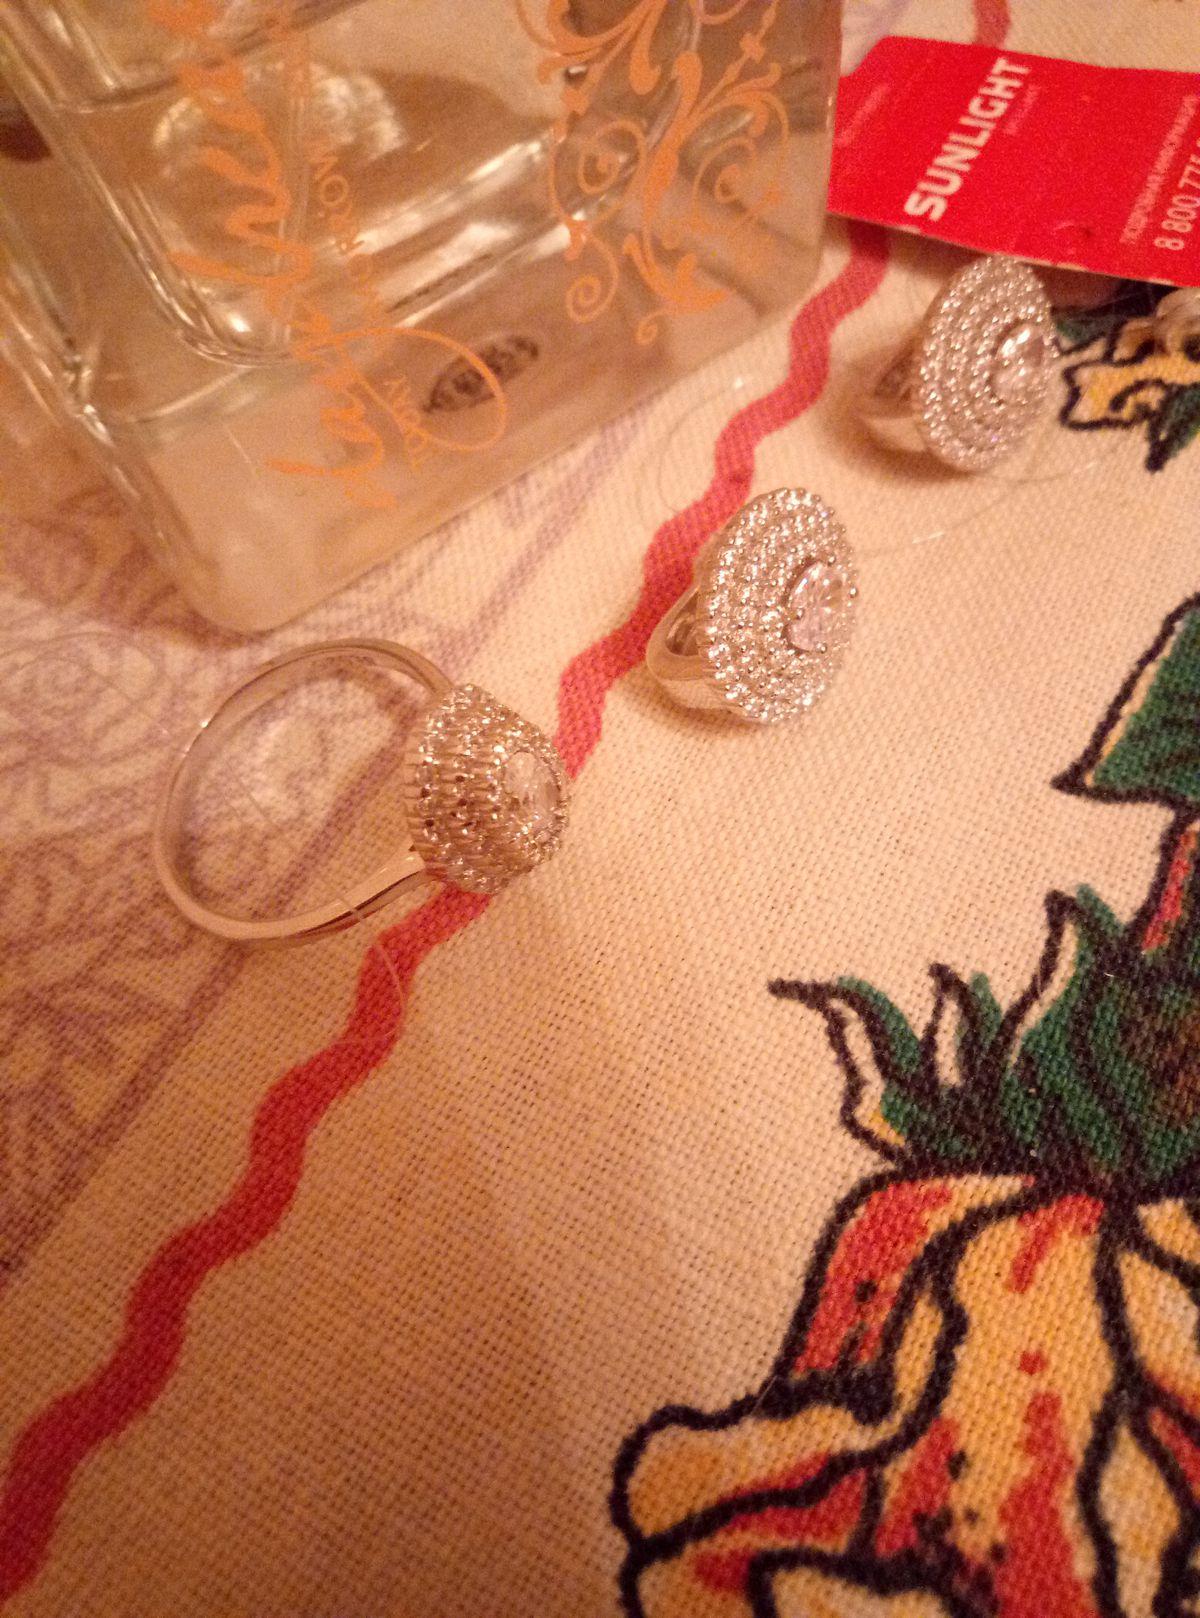 💍 кольцо + серьги. Купила 💍 вместе с серьгами из этой же серии в 🎁 !!!!!